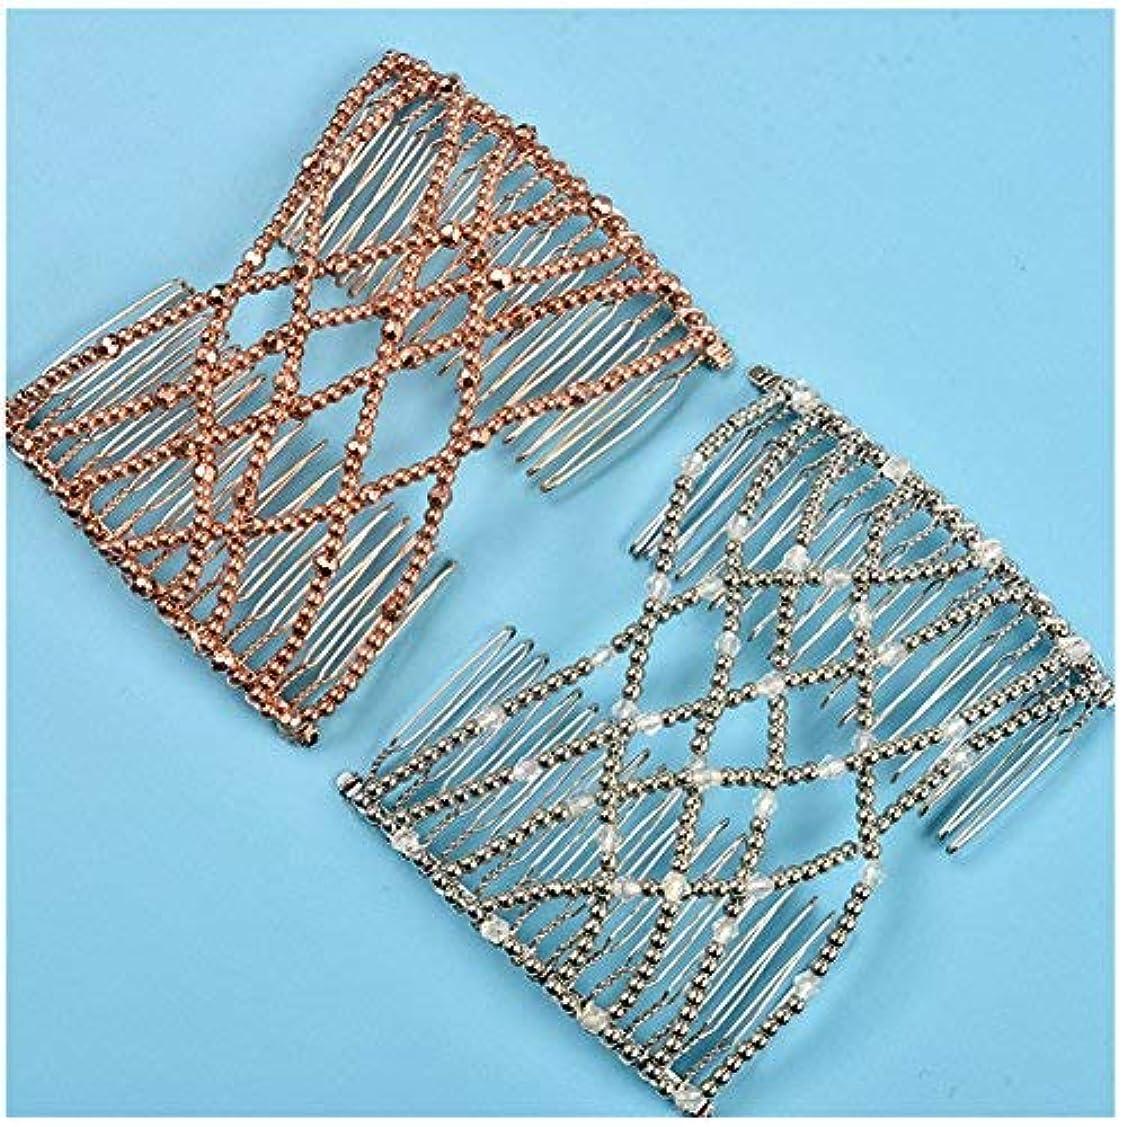 登る叙情的な生理Lovef 2pcs Fashion Magic Beaded Elasticity Double Hair Comb Clip Stretchy Women Hair Accessories [並行輸入品]